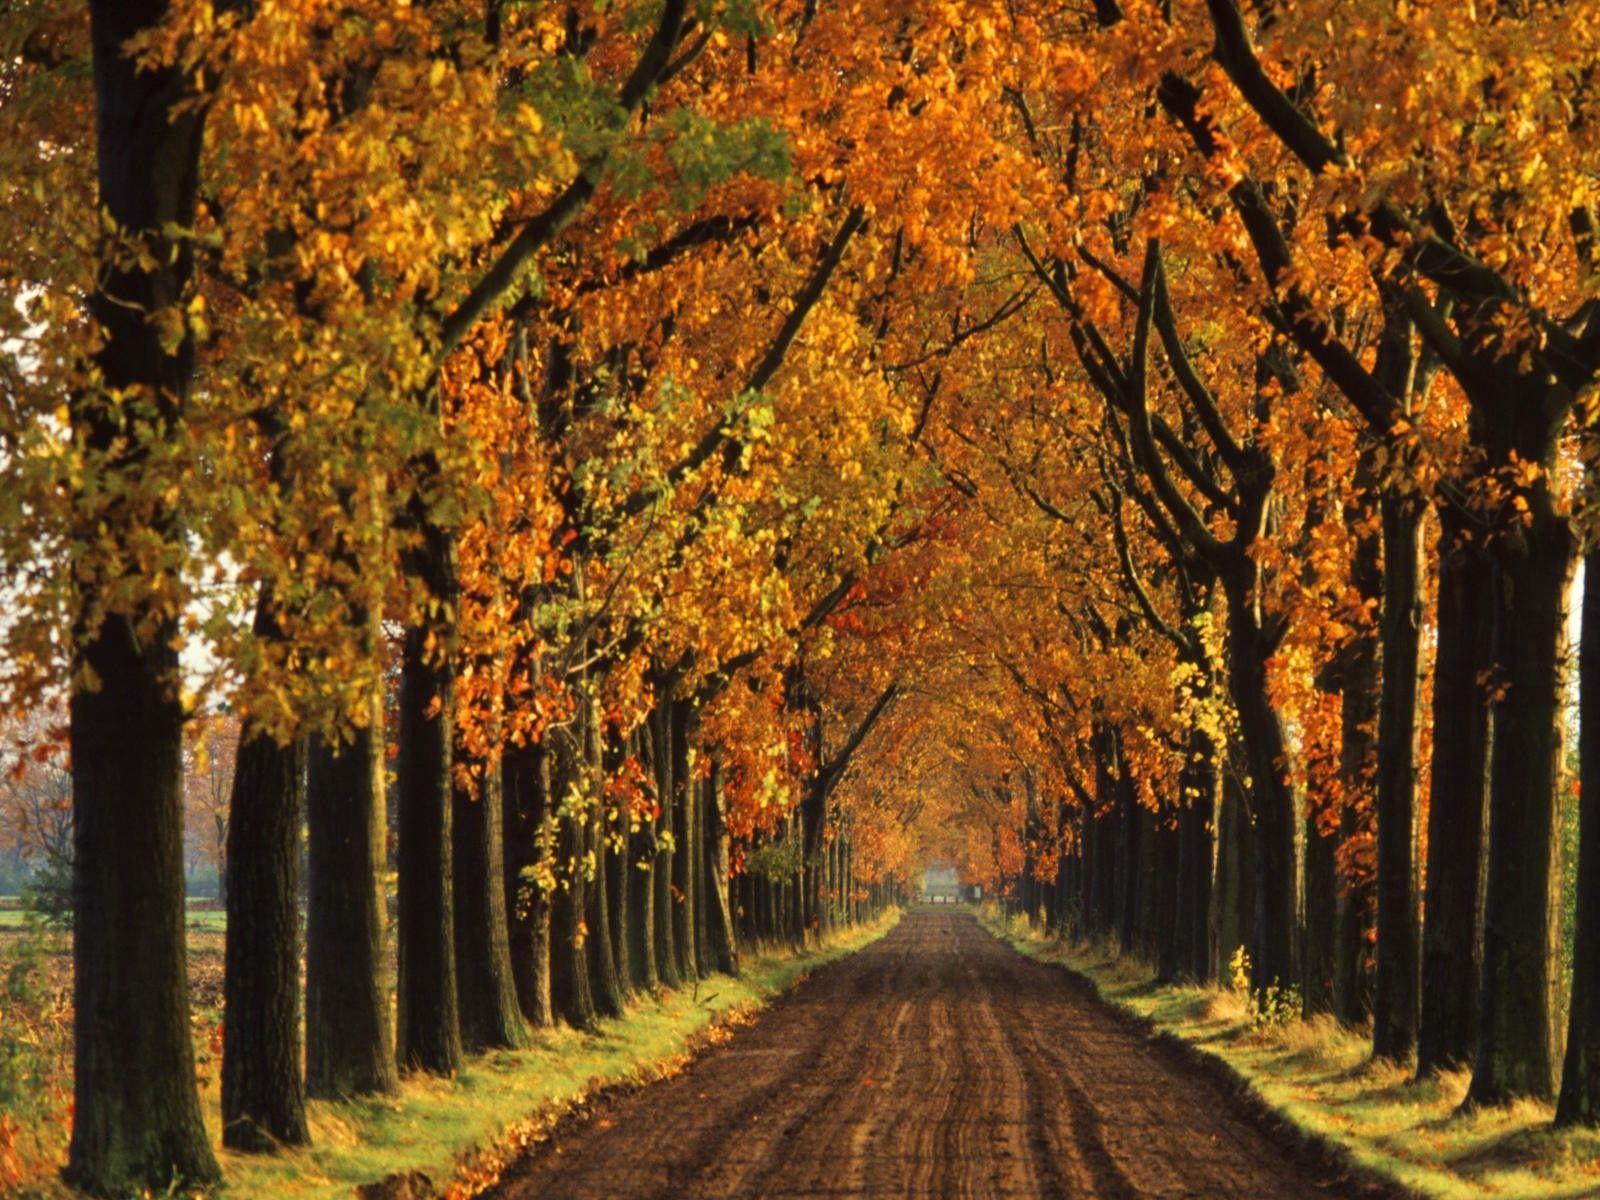 autumn wallpaper 007 free - photo #7